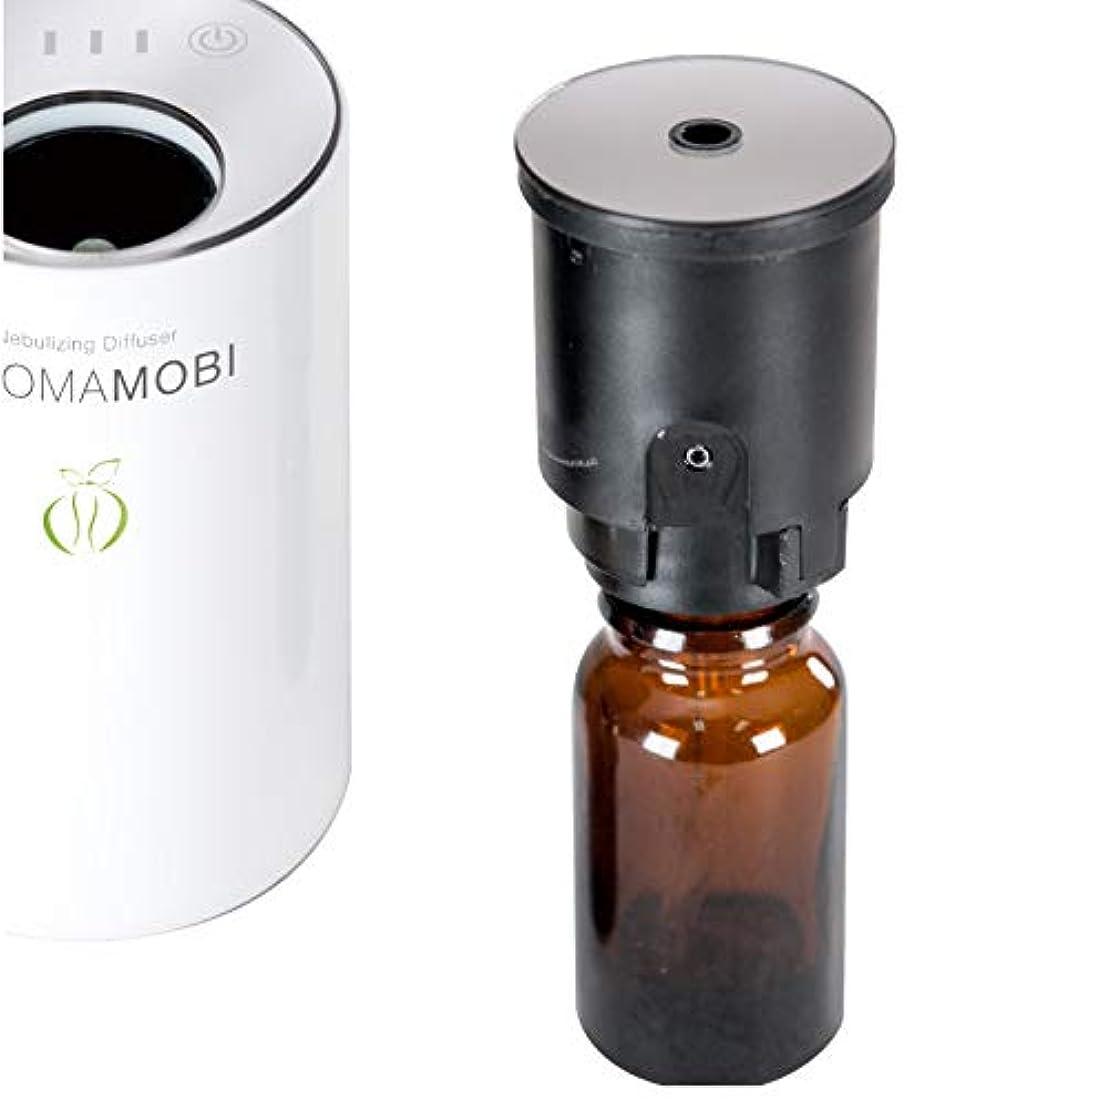 バクテリアシプリー混合したfunks アロマモビ 専用 交換用 ノズル ボトルセット aromamobi アロマディフューザー